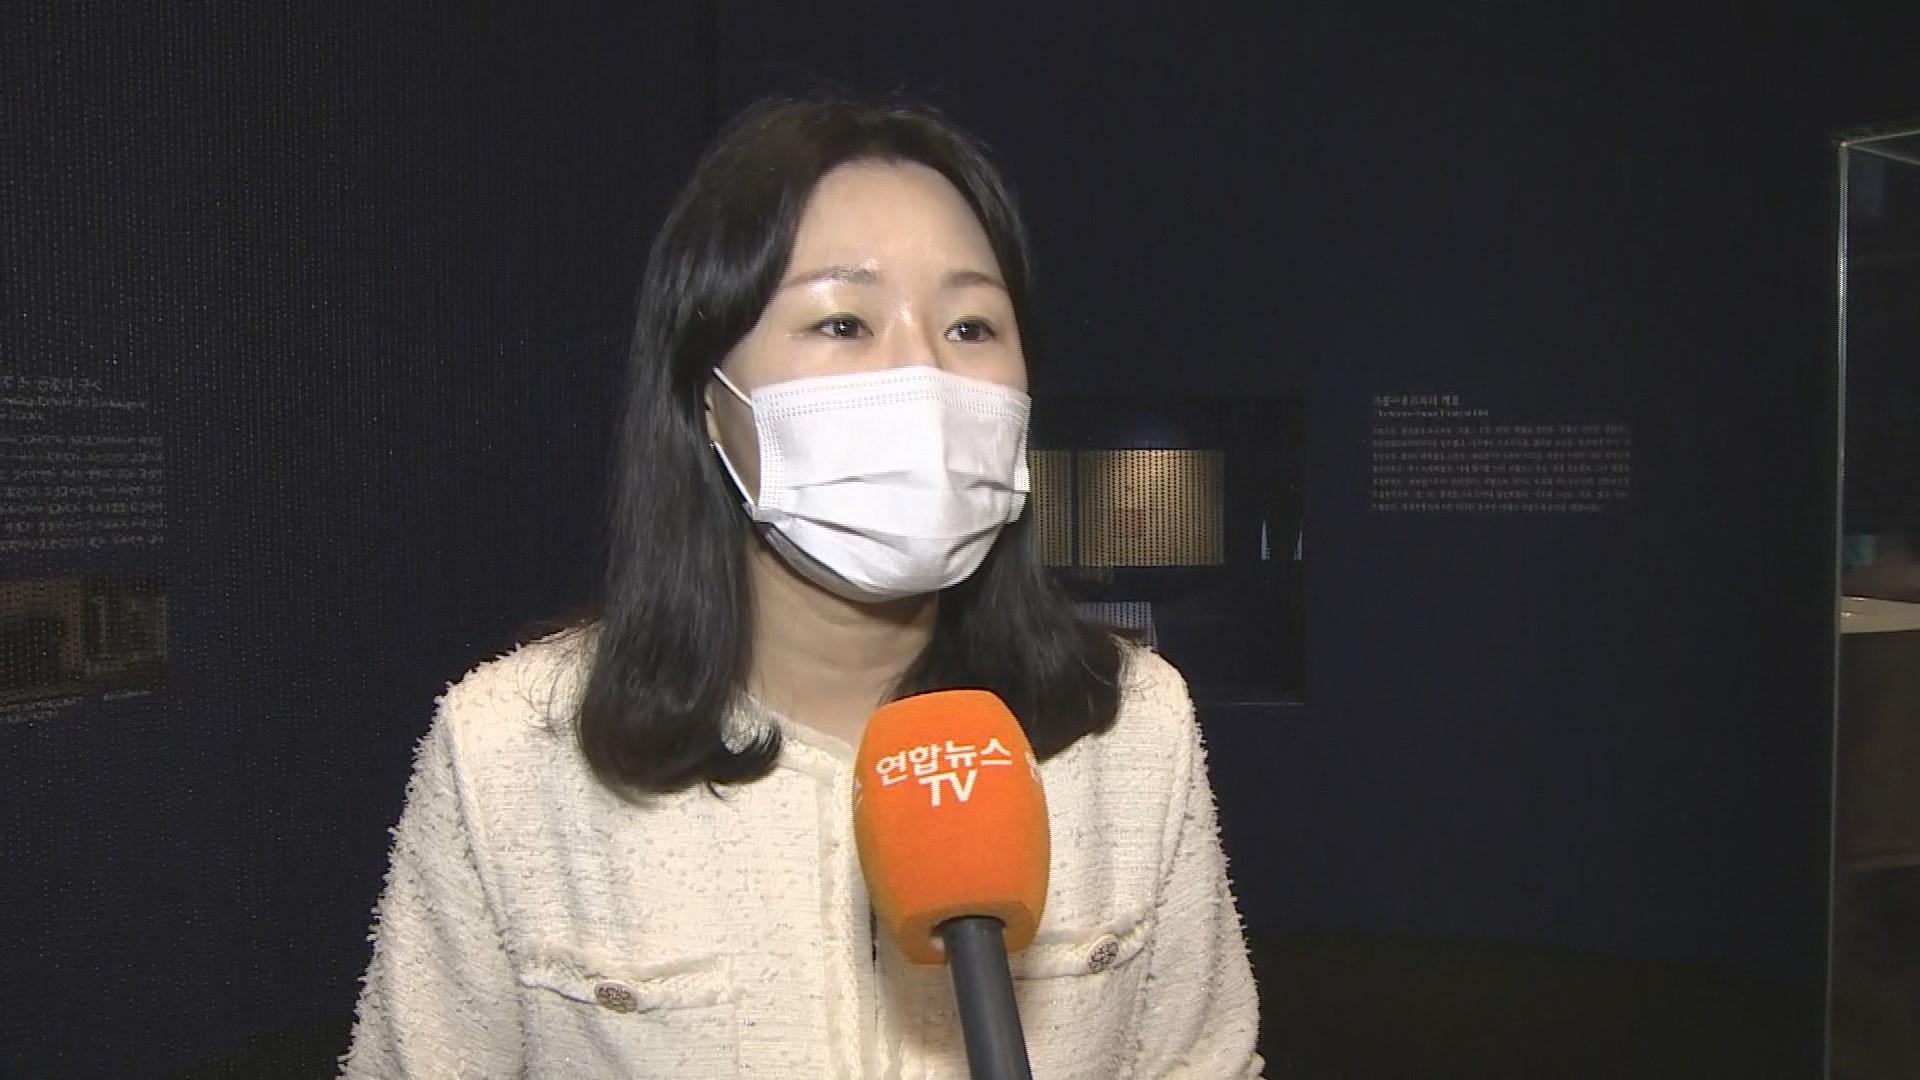 [출근길 인터뷰] 국립고궁박물관, 조선왕실서 쓴 서양식 도자기 특별전